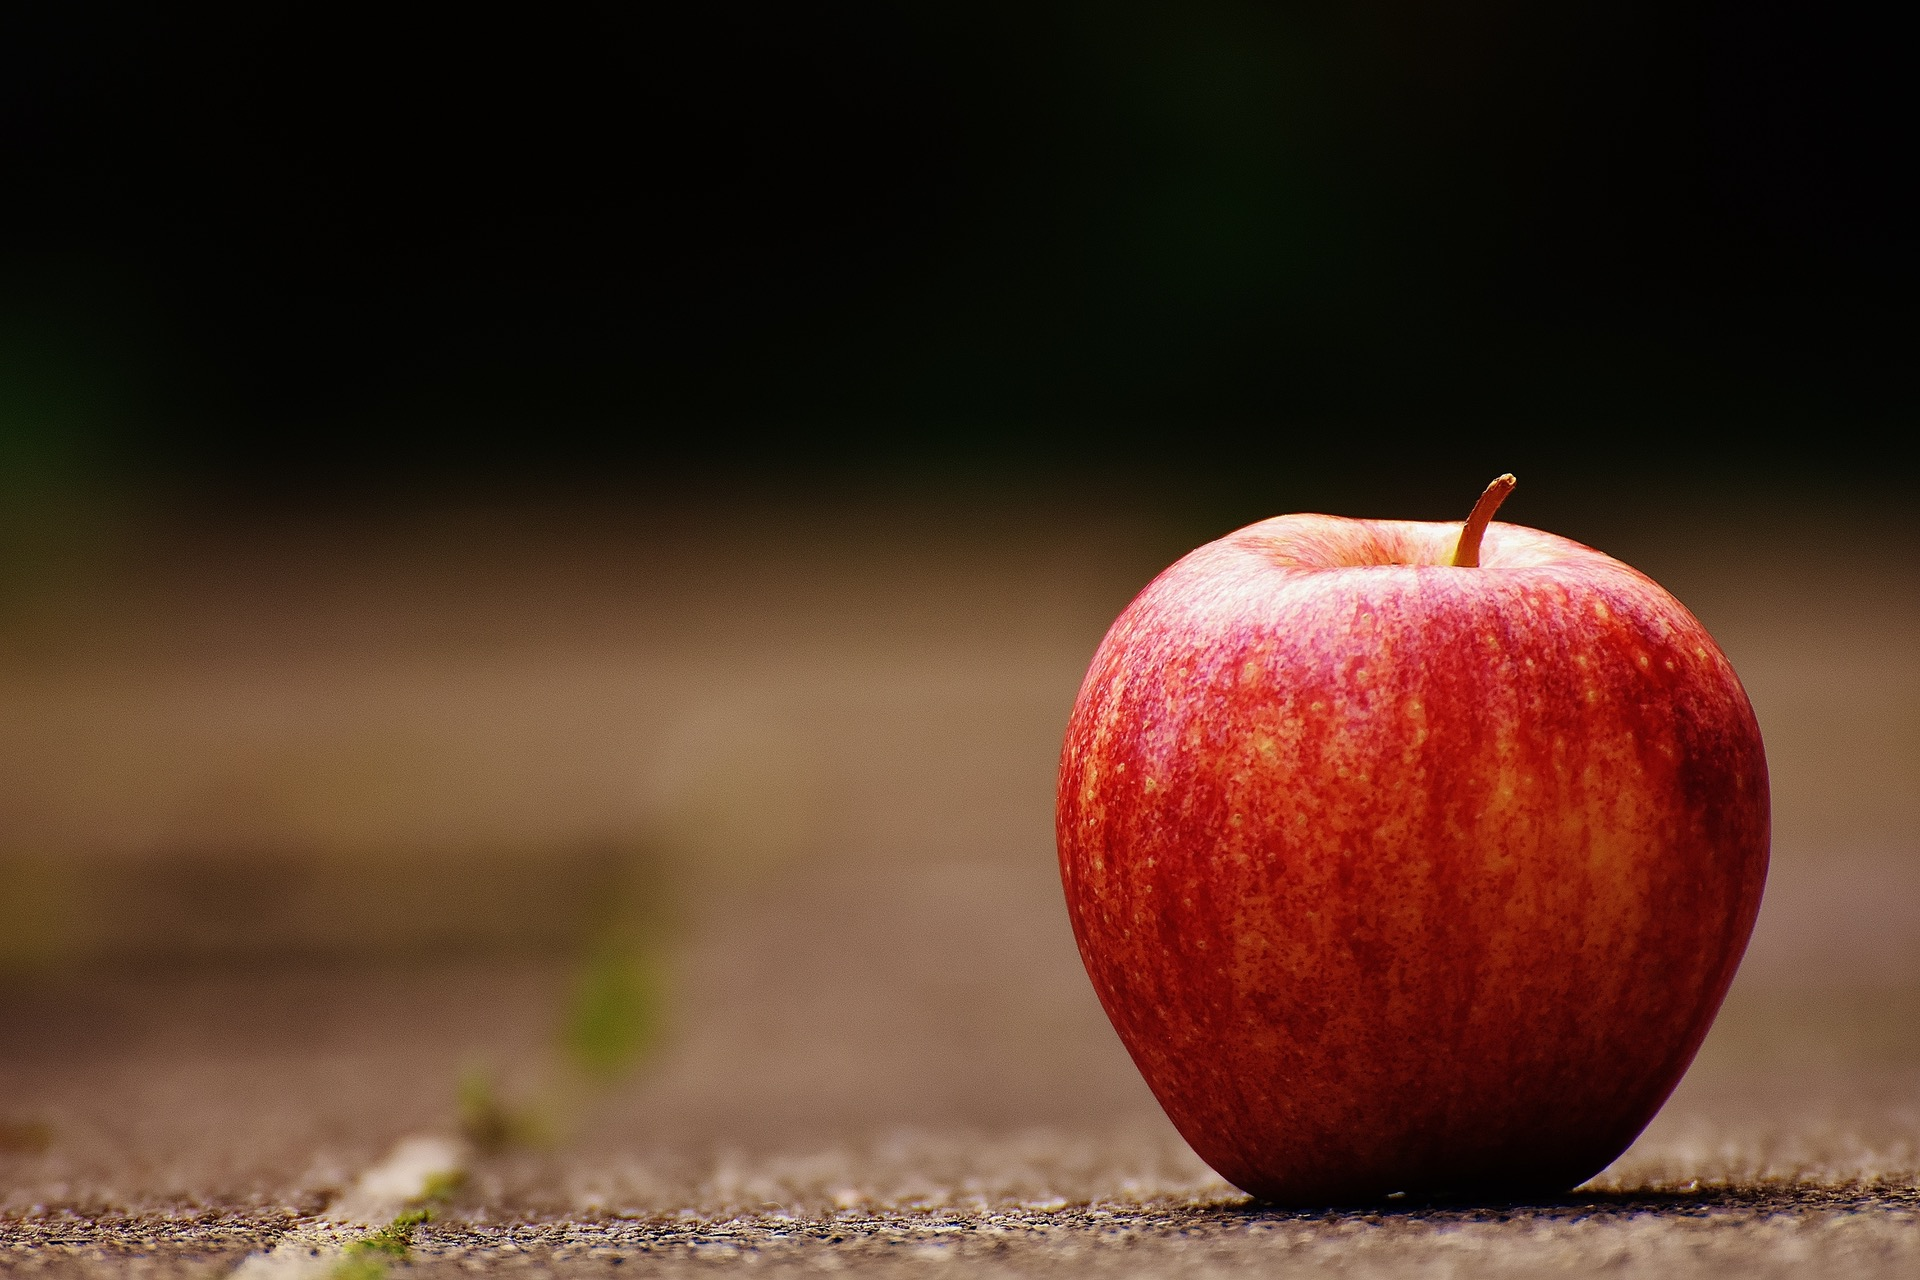 Apple Holistic Nutritionist